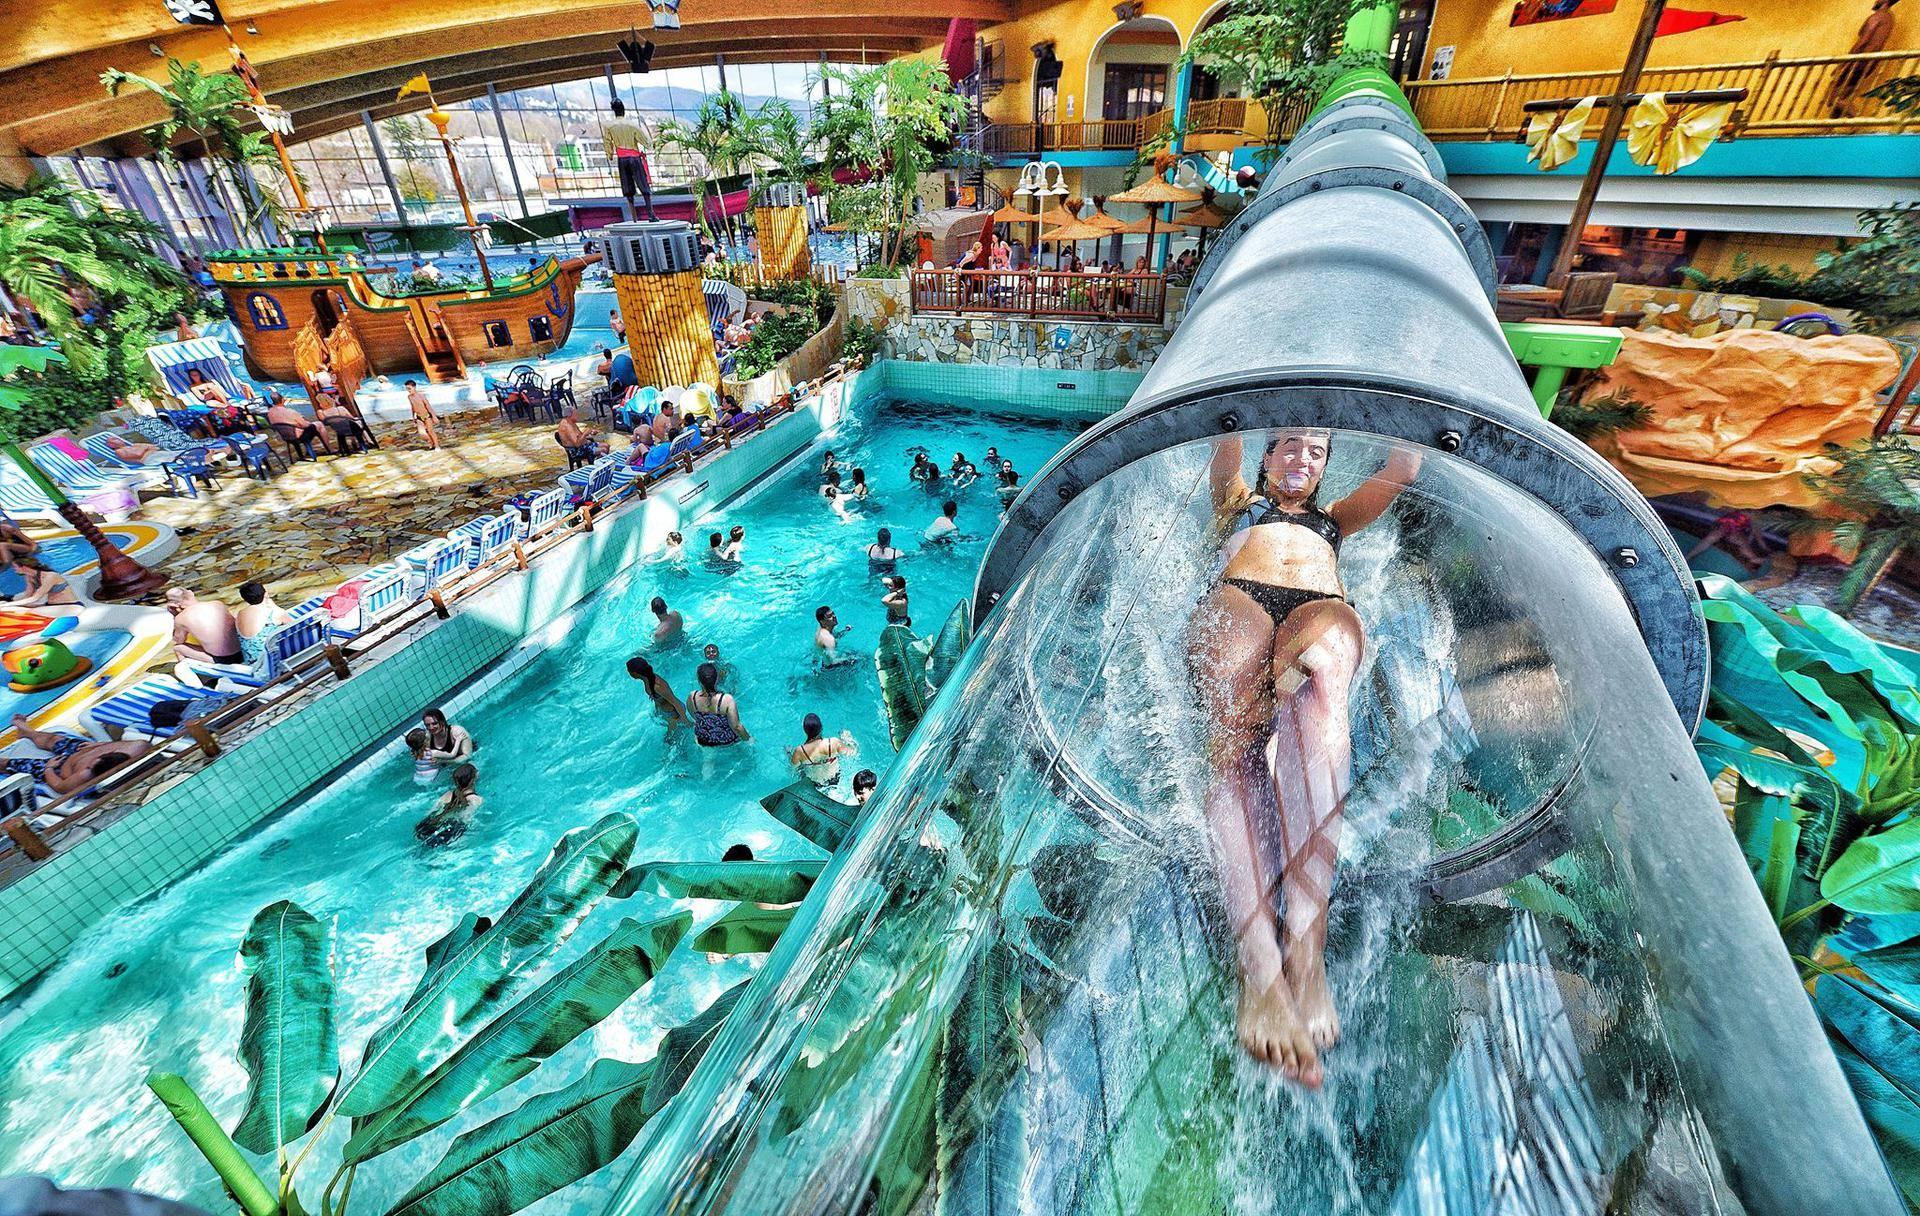 Аквапарк в Берлине – единственный в мире